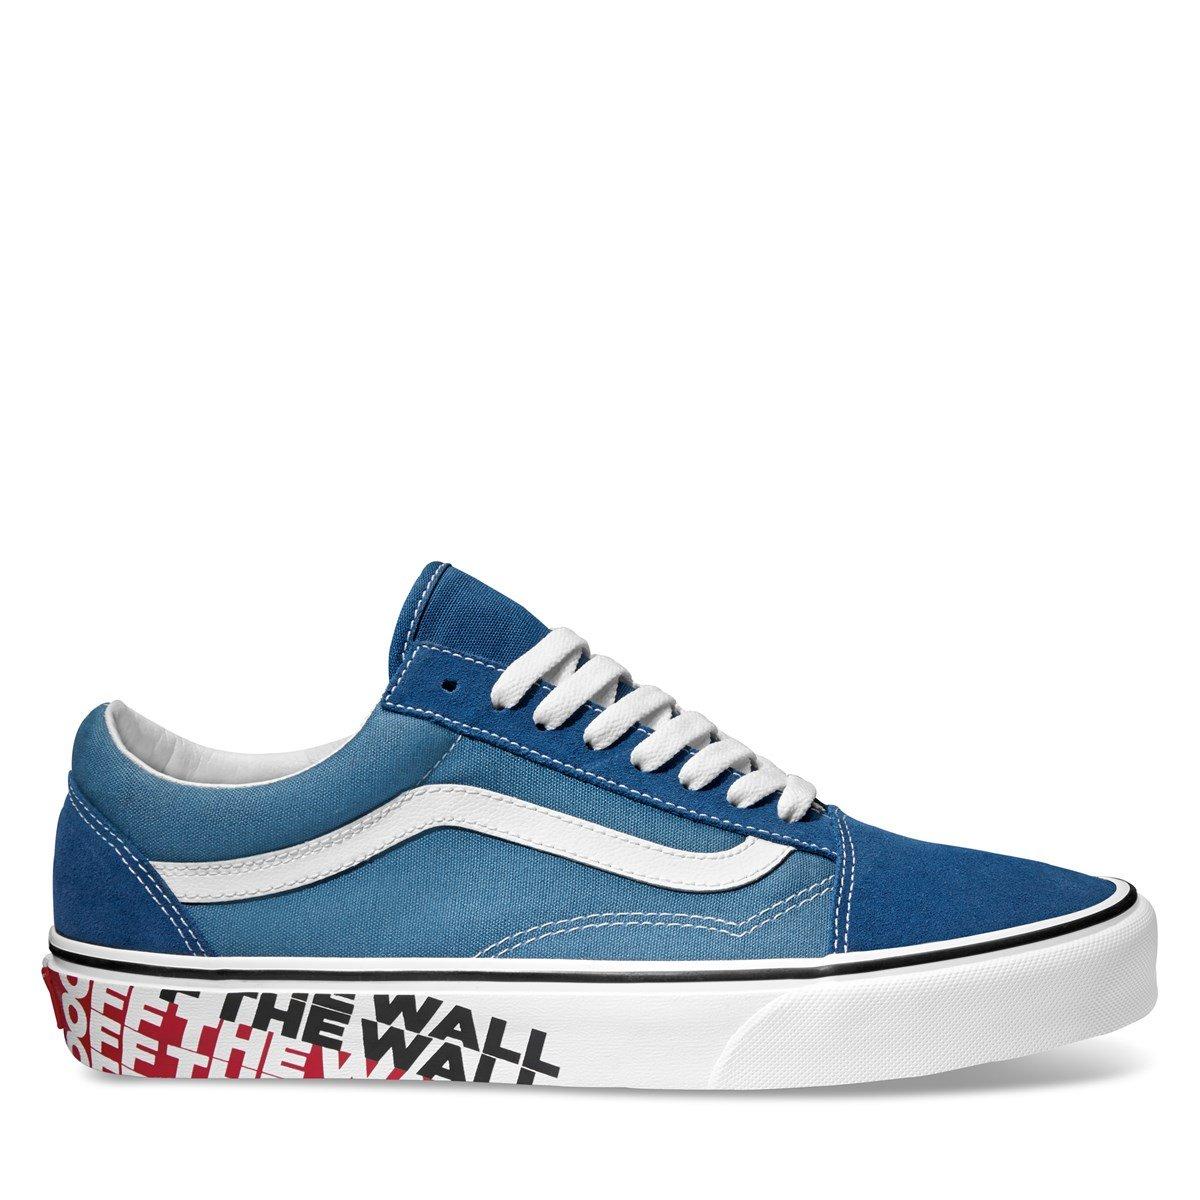 e9318b976d Men s Old Skool OTW Side Wall Blue Sneaker